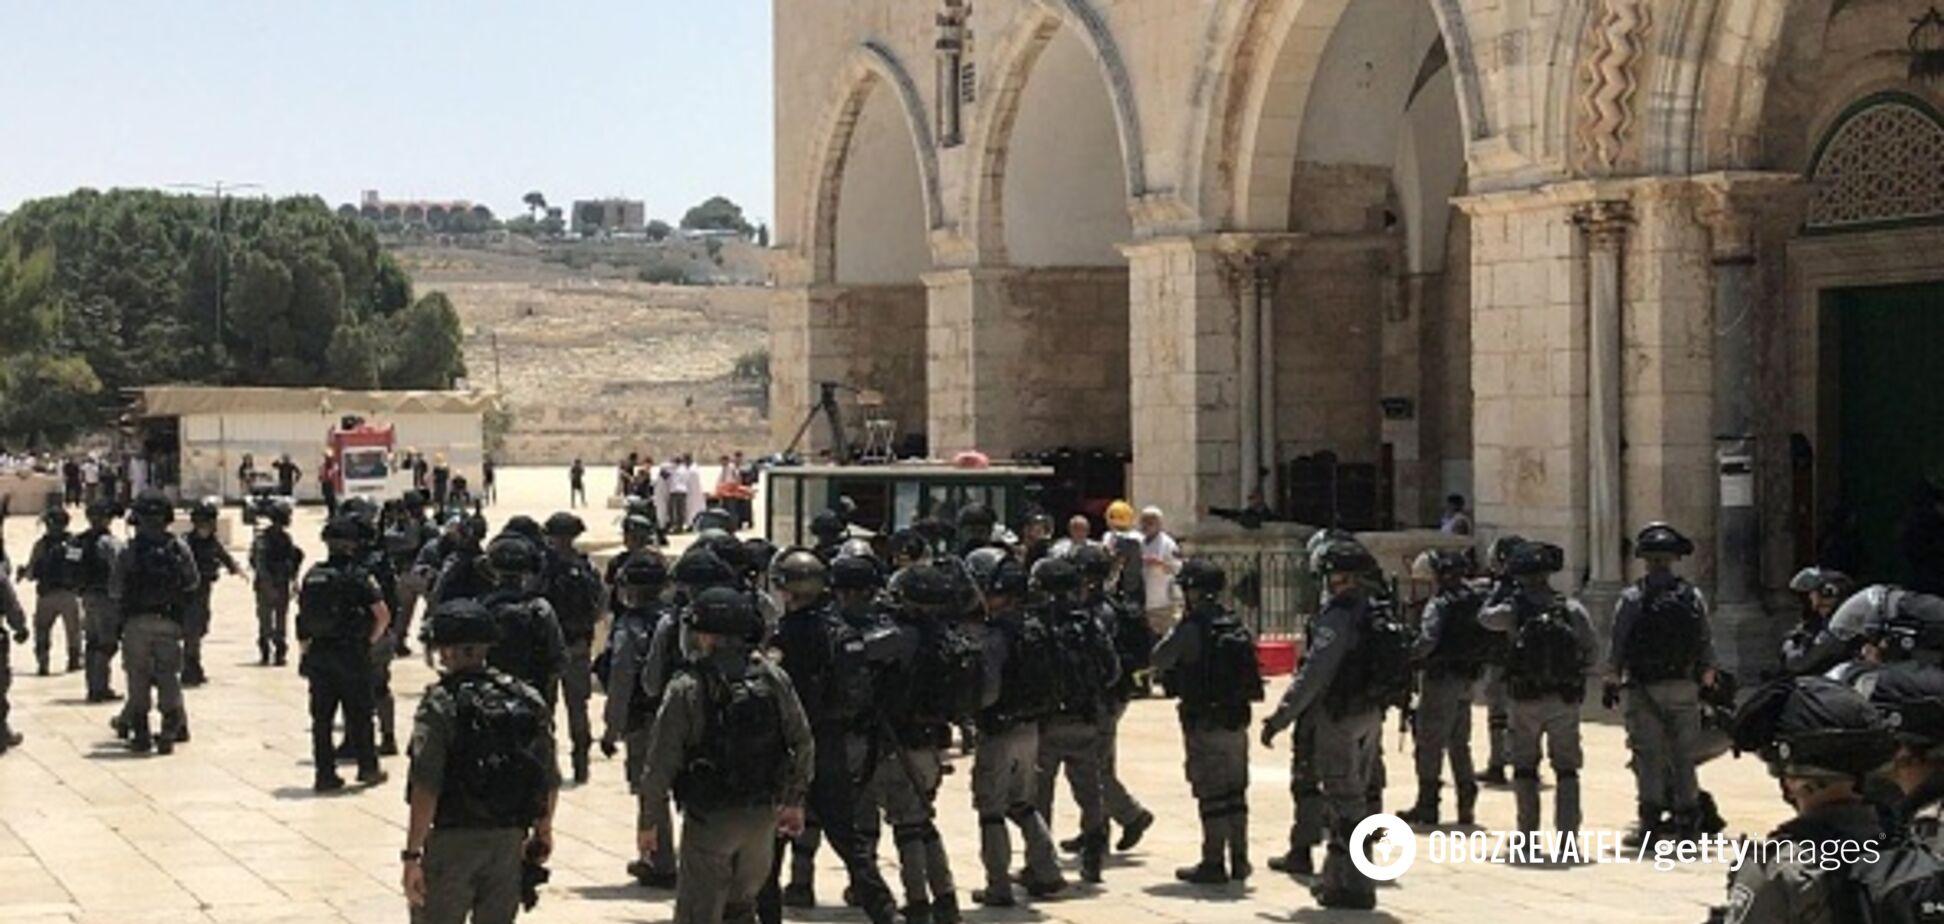 Забросали камнями полицию: в Иерусалиме в день города произошли столкновения